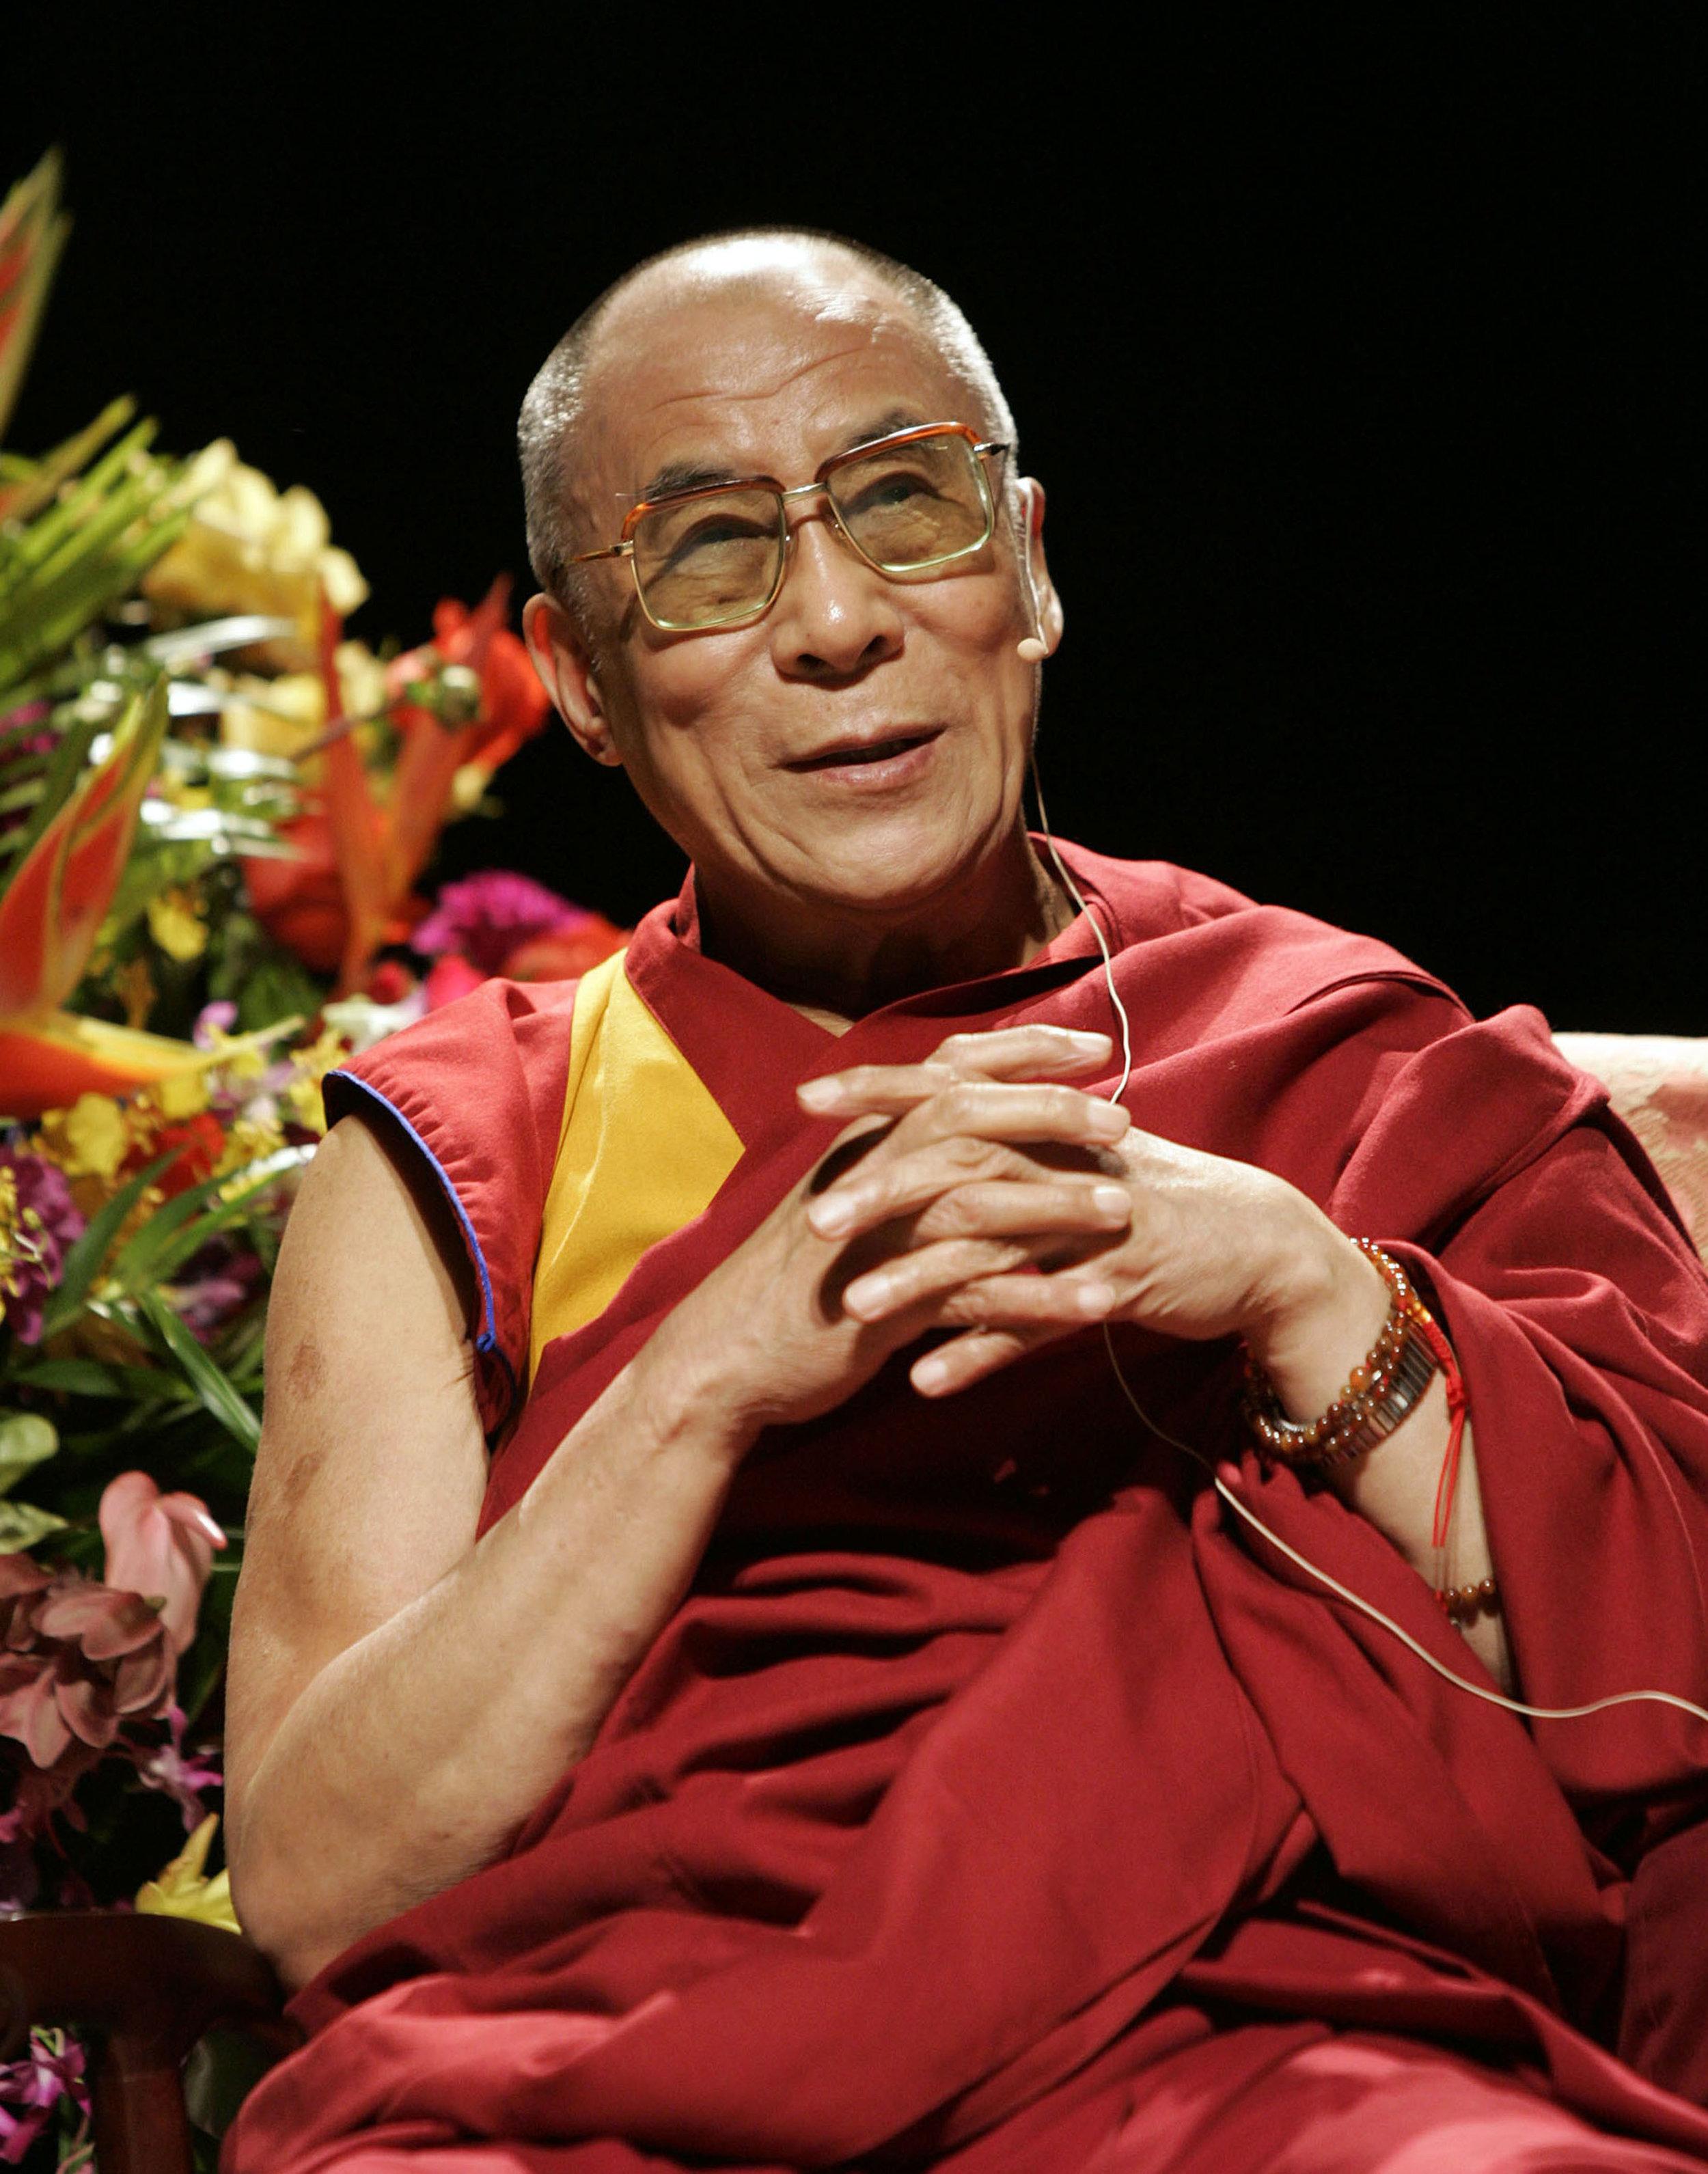 dalai lama_0003.JPG